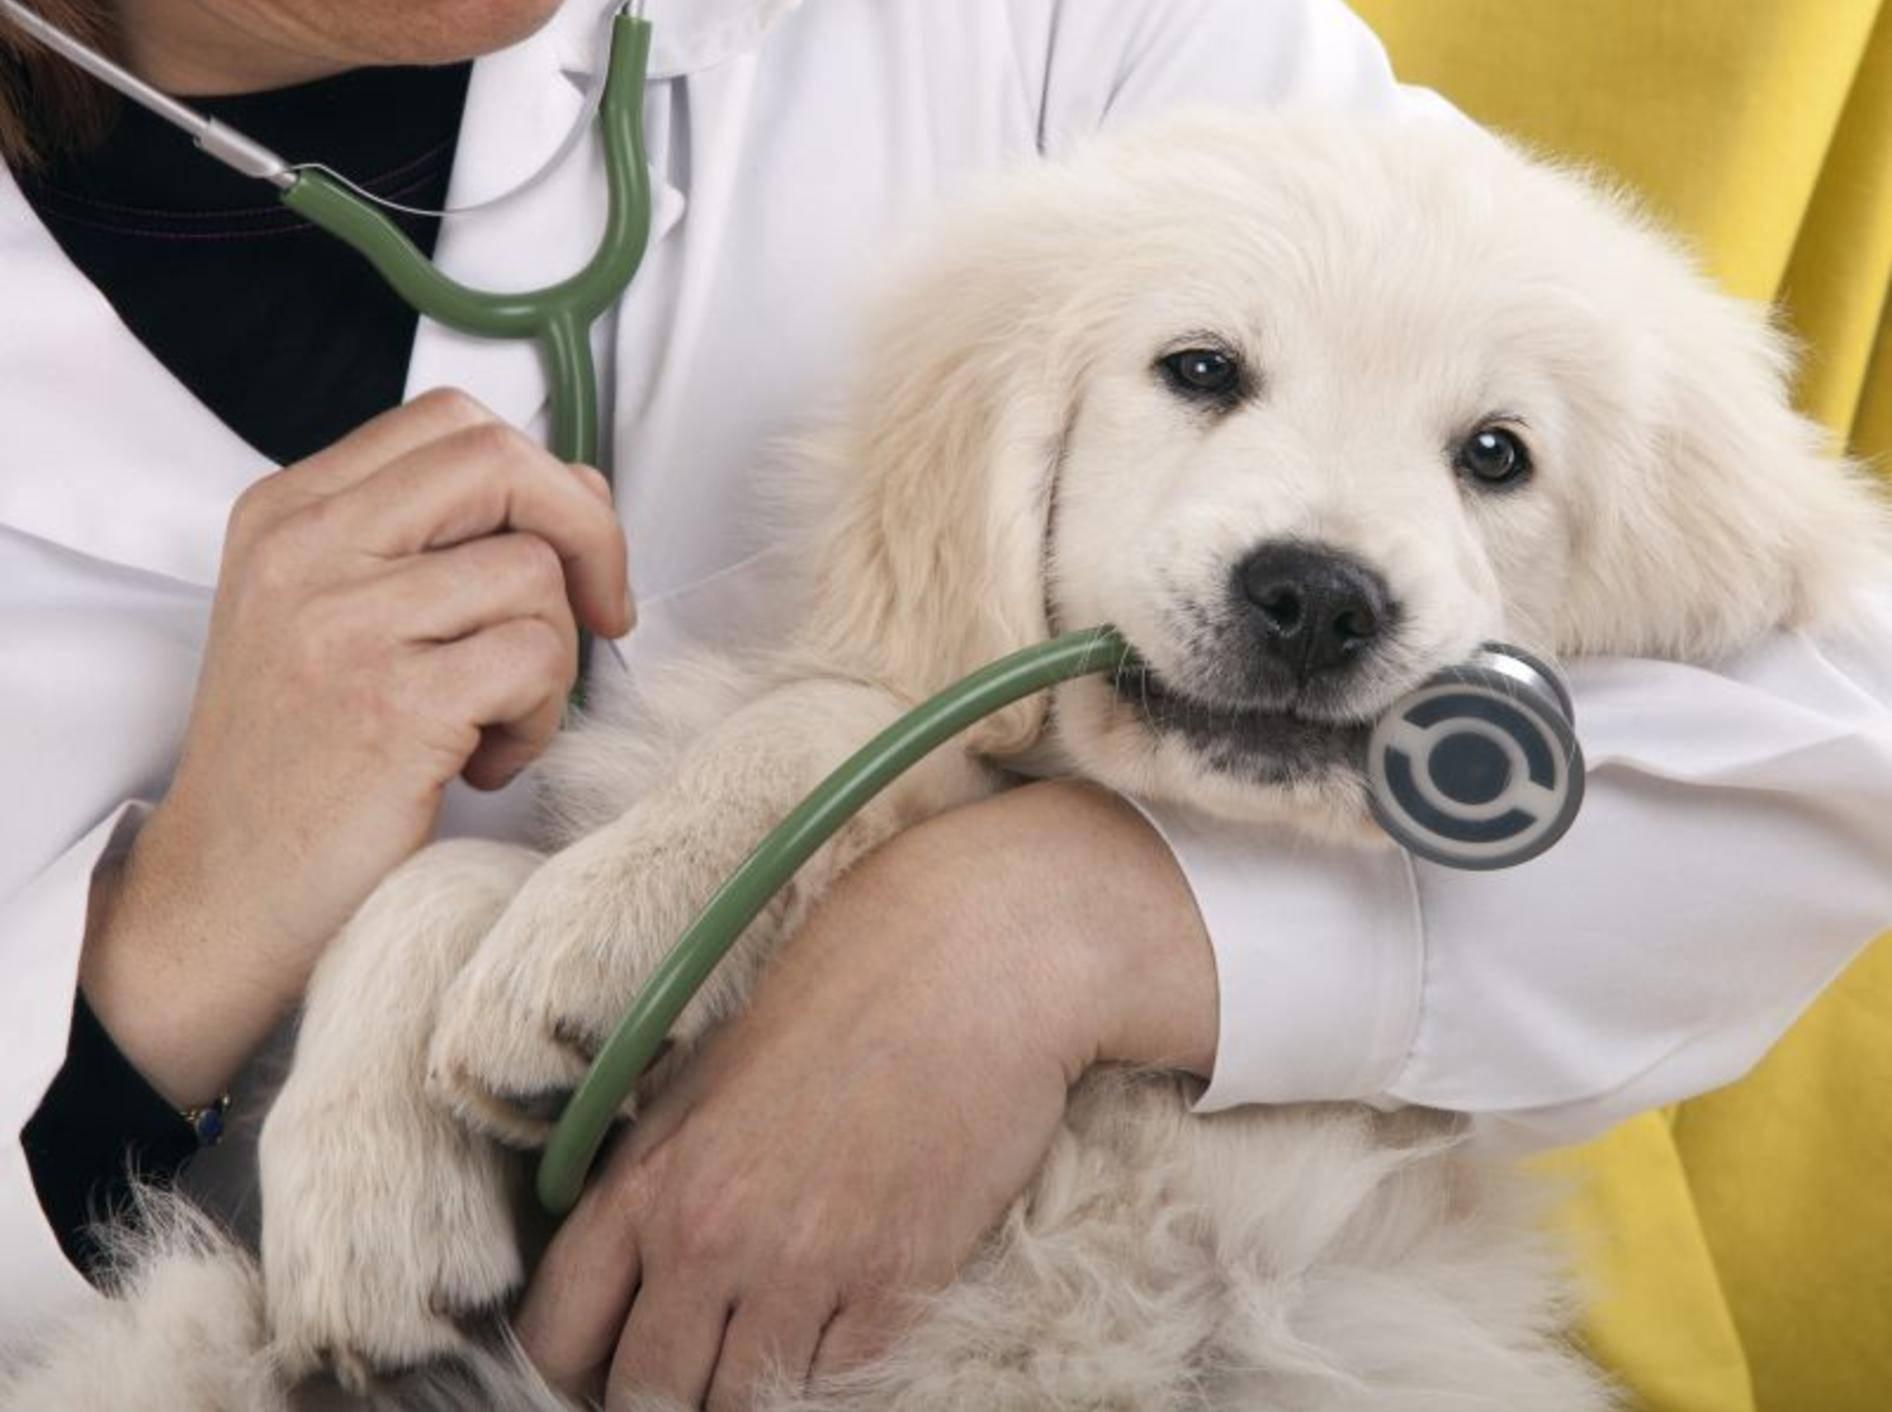 Hunde mit Diabetes: Diagnose und Behandlung erfolgt beim Tierarzt — Bild: Shutterstock / Roger costa morera